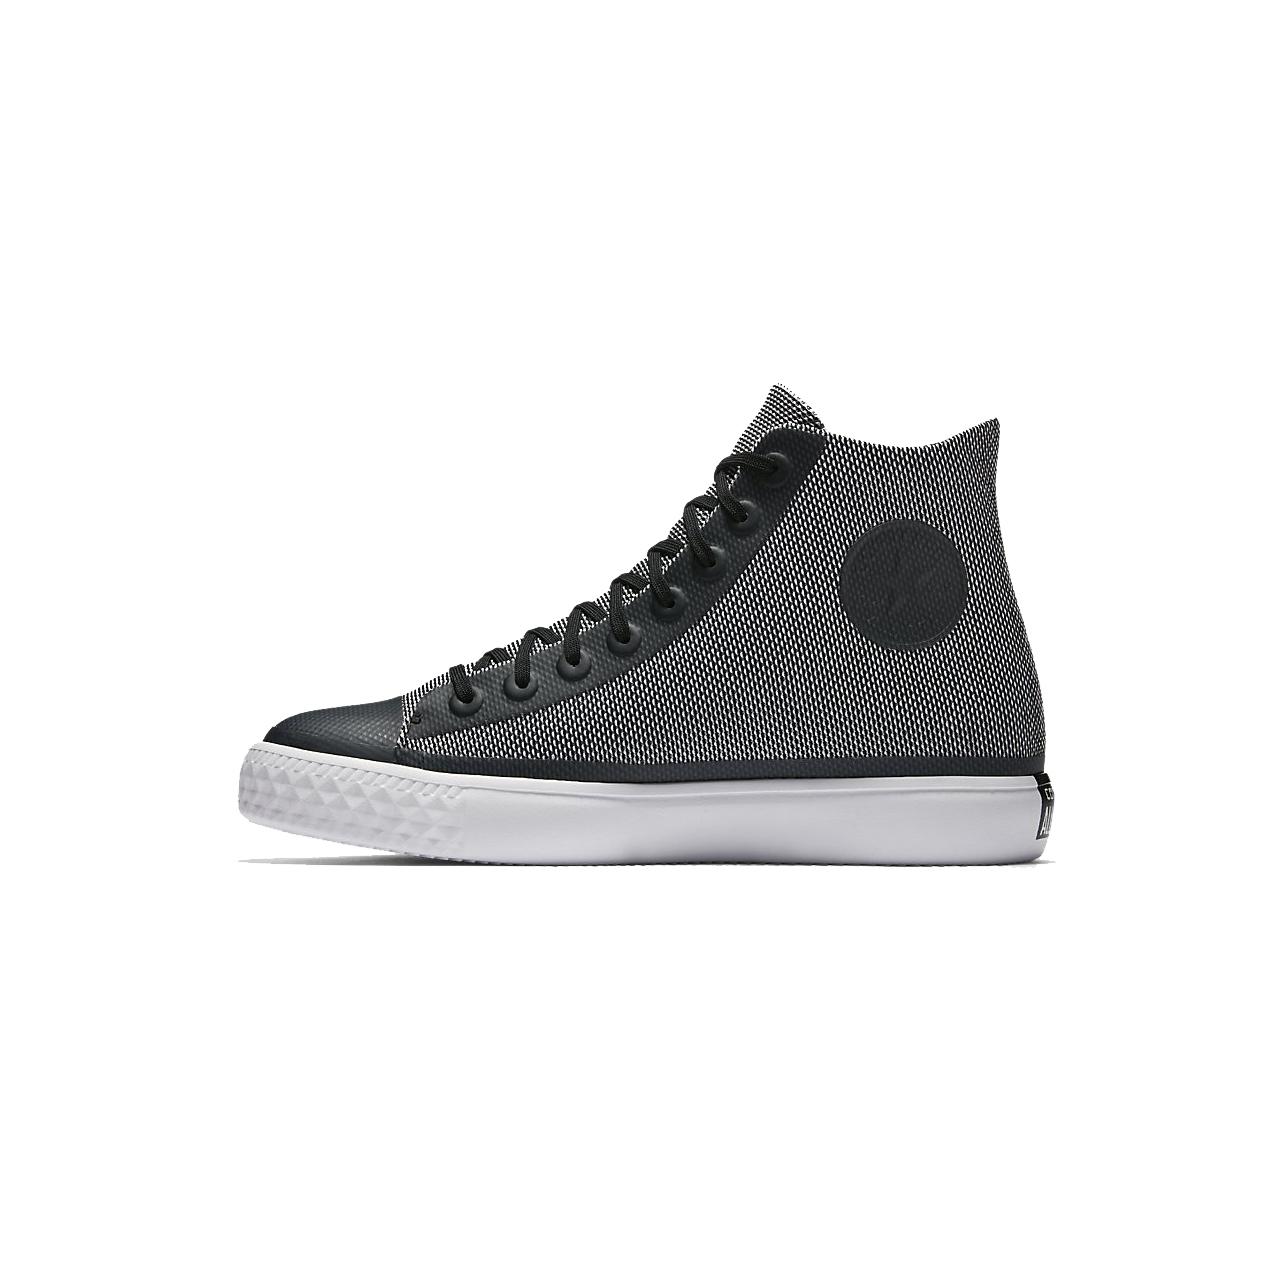 قیمت کفش ورزشی کانورس مدل 157200c-007